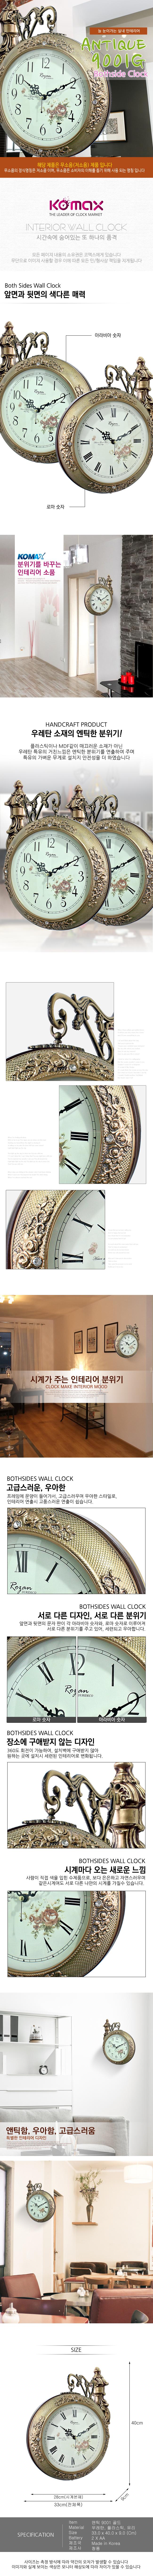 엔틱 9001G 무소음 양면벽시계 - 코맥스, 86,000원, 양면시계, 앤틱